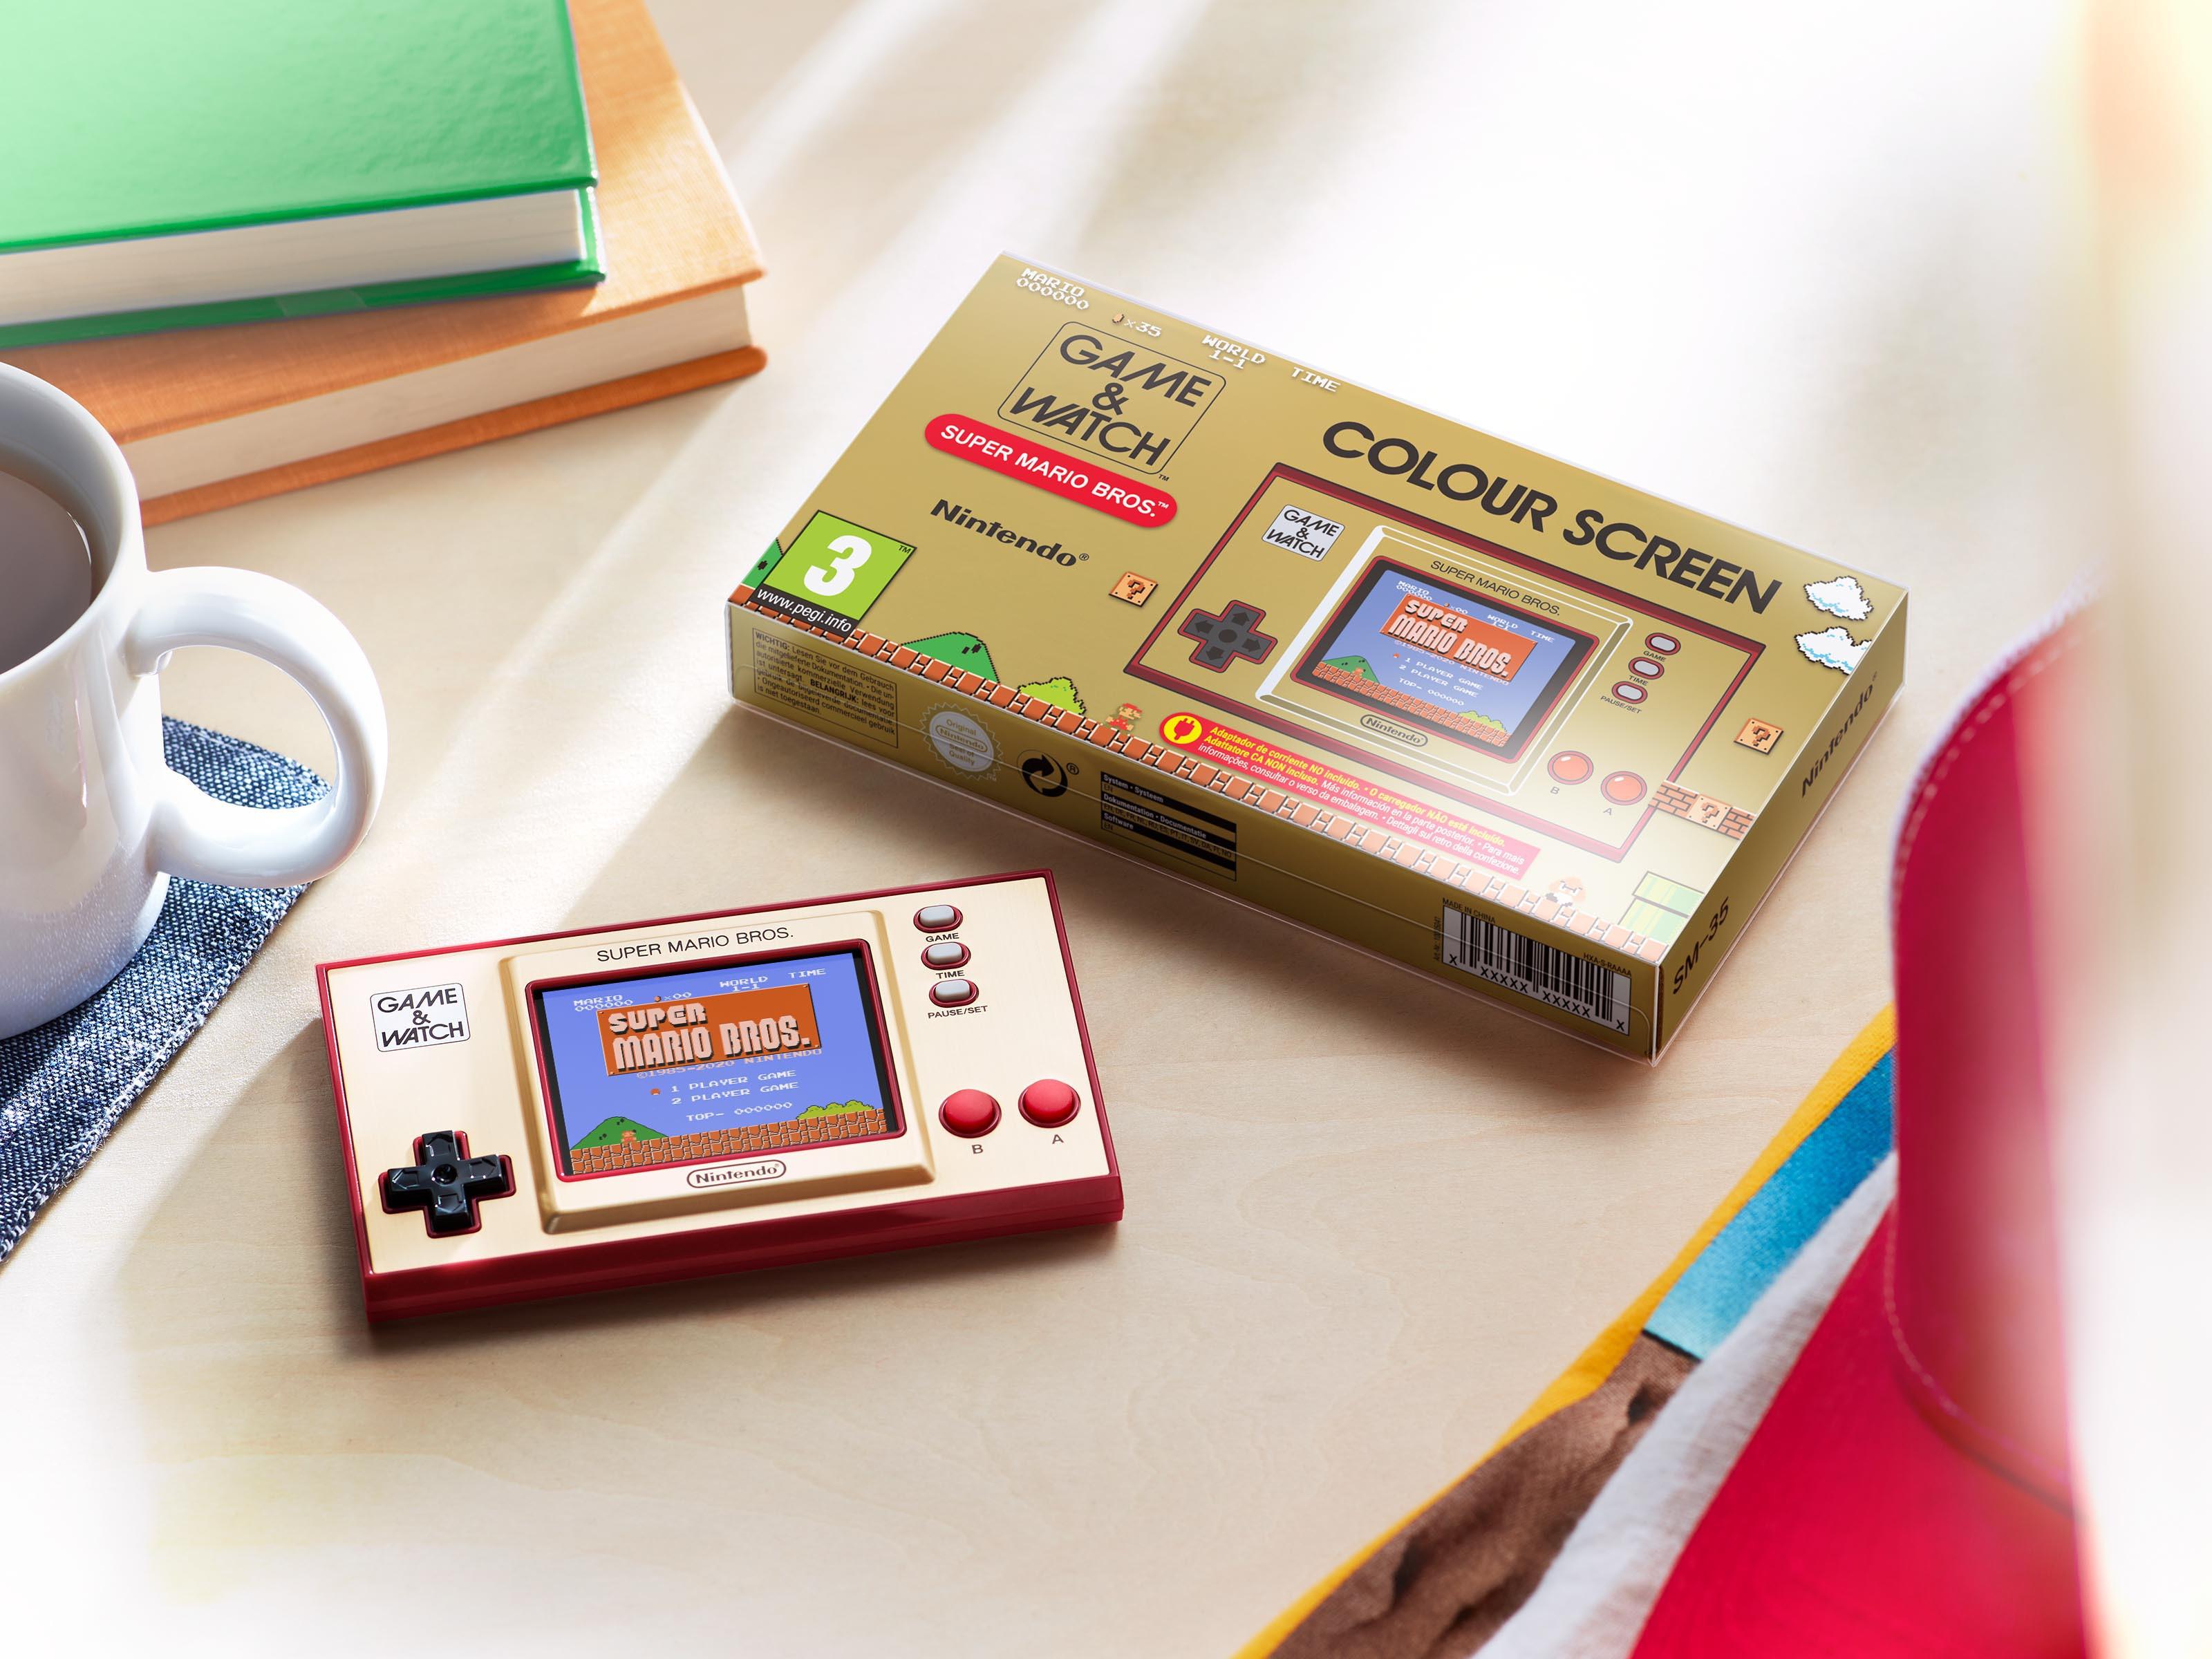 Nintendo Game & Watch: Super Mario Bros žaidimų kompiuteris